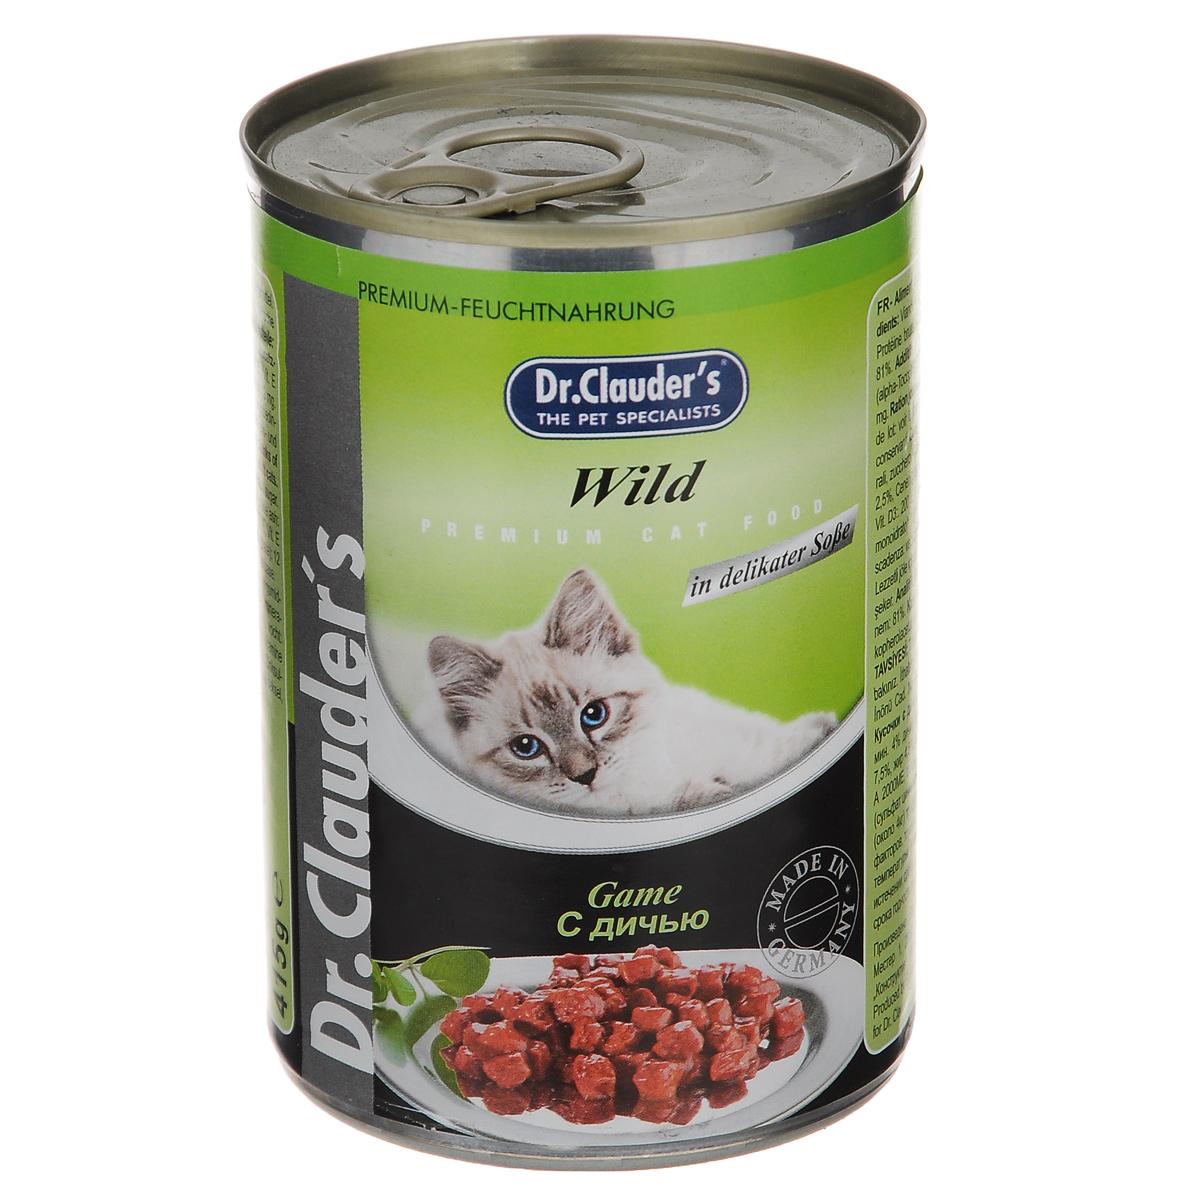 Консервы для кошек Dr. Clauders, с дичью, 415 г20673Консервы для кошек Dr.Clauders - полнорационный корм для взрослых кошек. Кусочки с дичью. Без консервантов и красителей. Состав: мясо и мясные субпродукты (мин. 4% дичи), злаки, минералы, сахар. Содержание питательных веществ: протеин 7,5%, жир 4,5%, зола 2,5%, клетчатка 0,5%, влага 81%. Пищевые добавки (на 1 кг): витамин А 20000 МЕ, витамин D3 200 МЕ, витамин Е (альфа-токоферол) 20 мг, таурин 350 мг, цинк 12 мг. Товар сертифицирован.